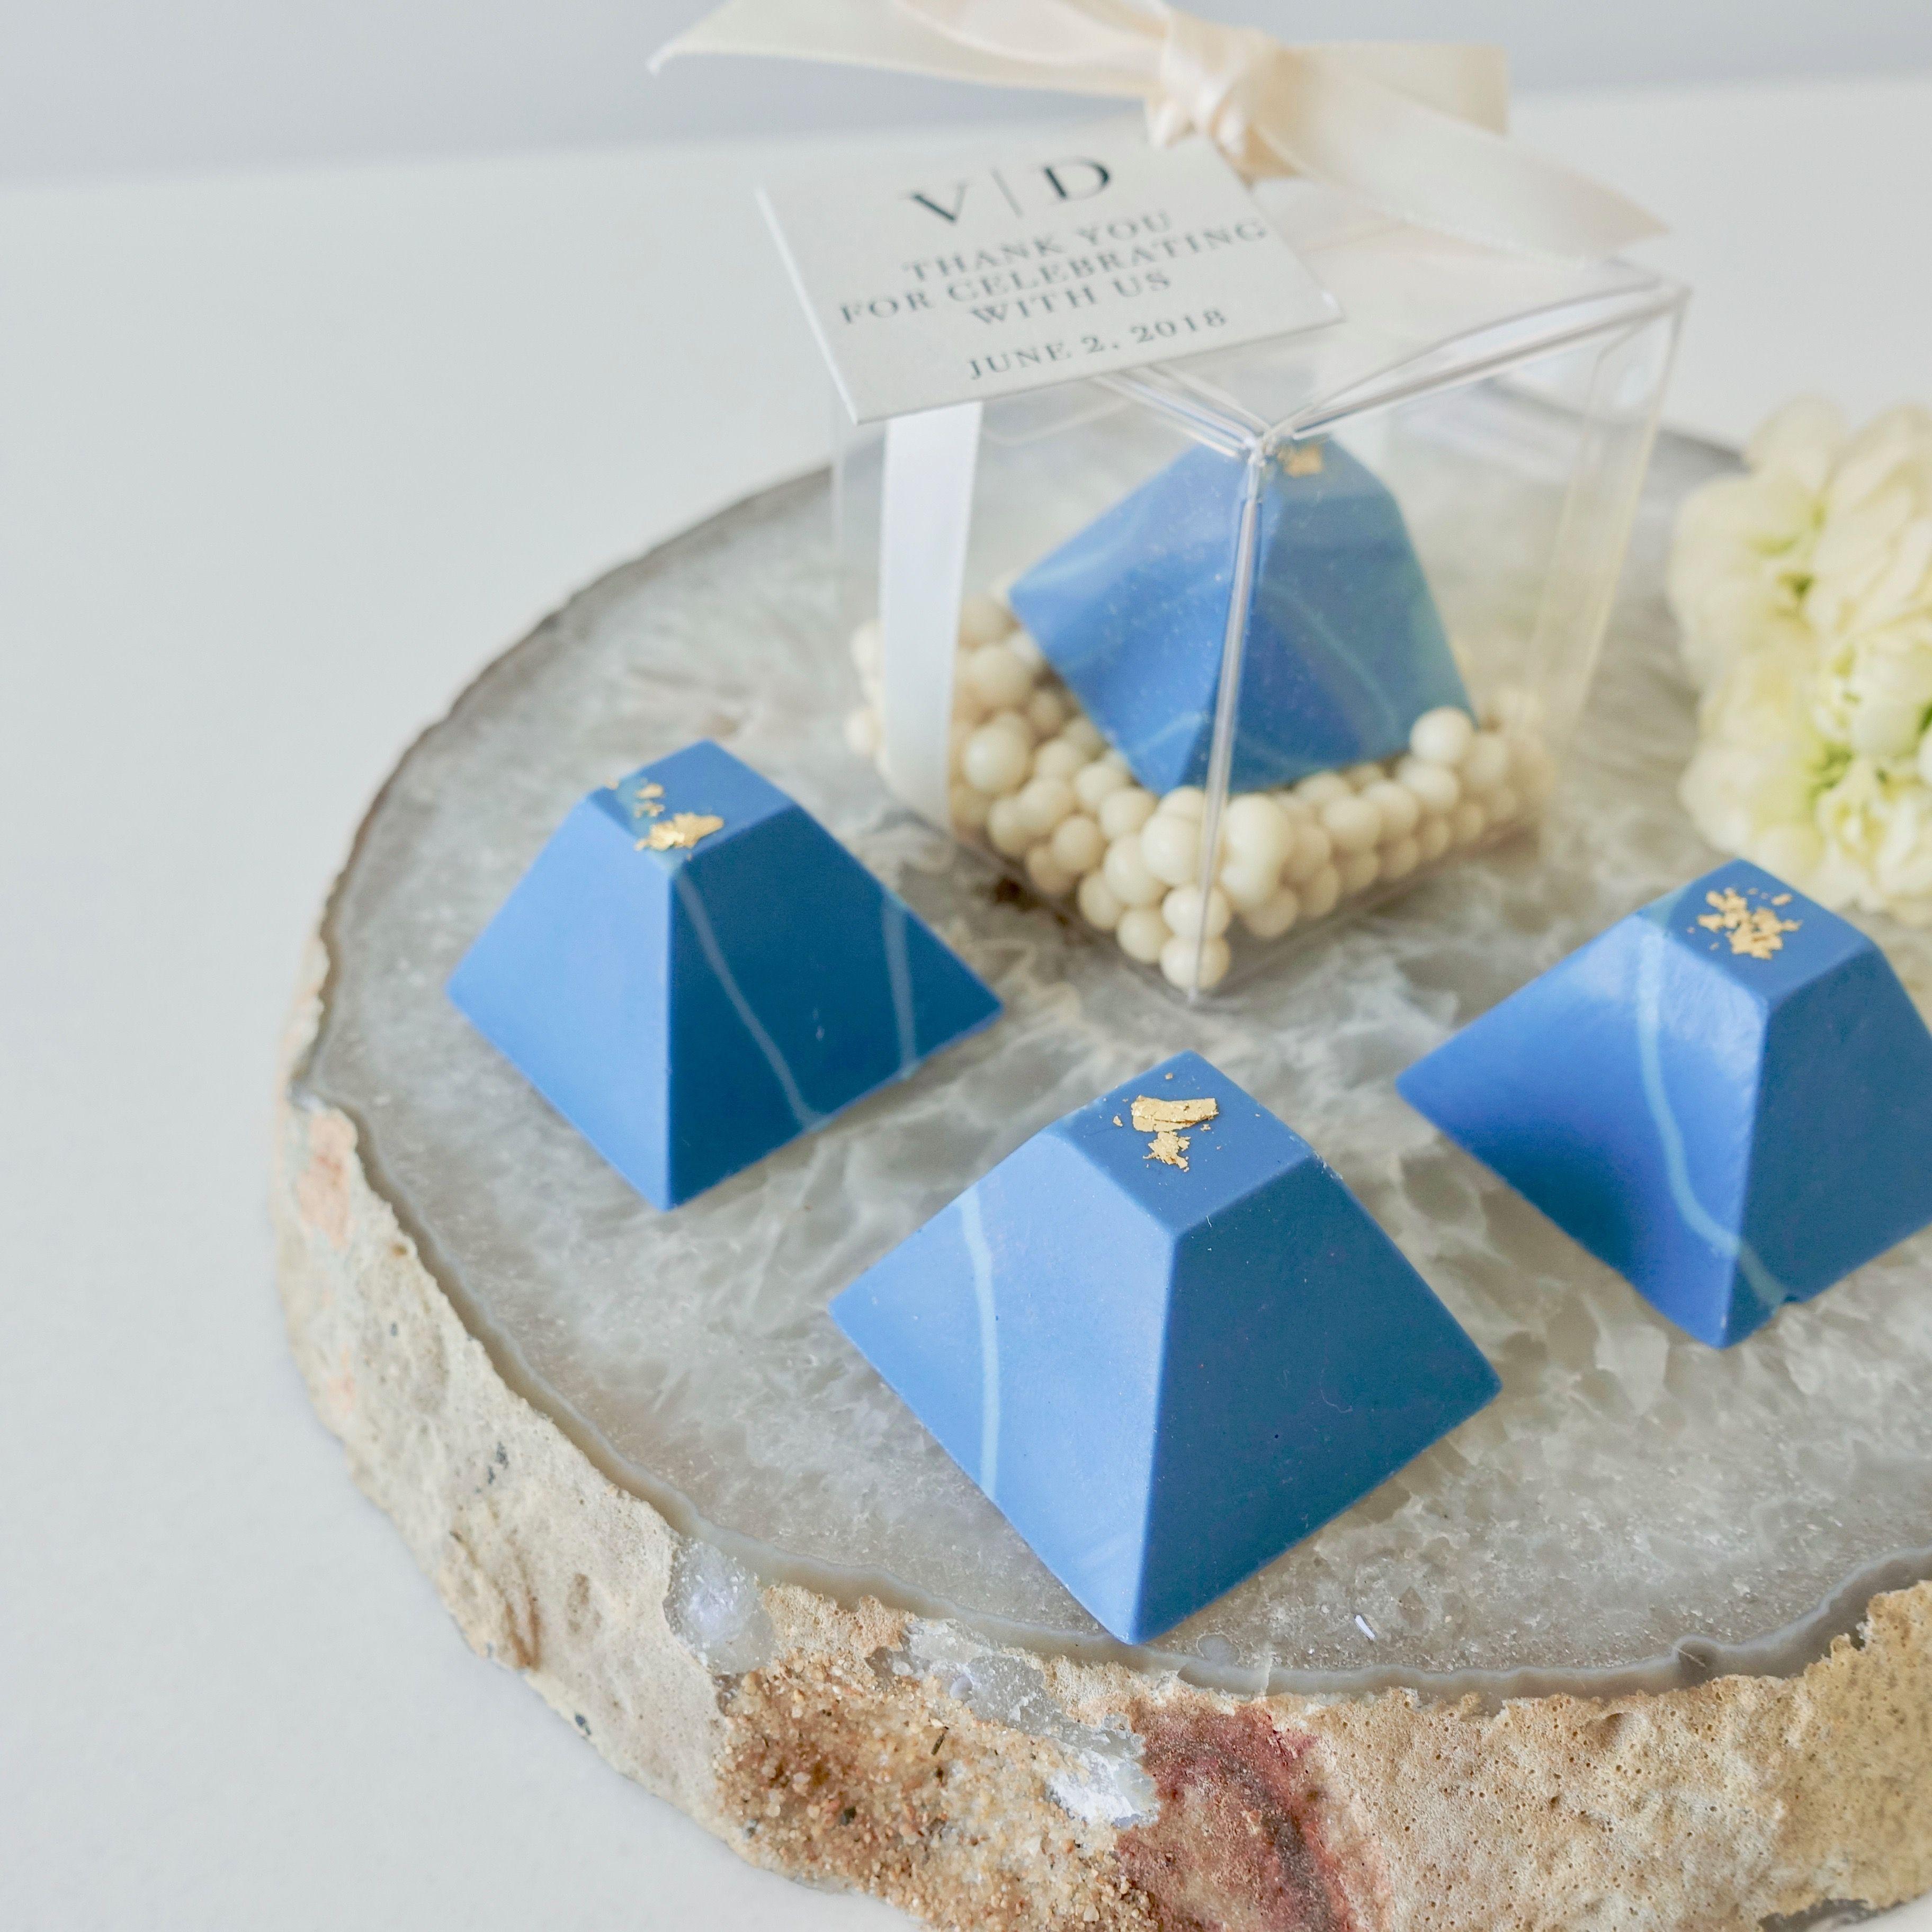 Blue ombre chocolate pyramids event favour wedding Toronto